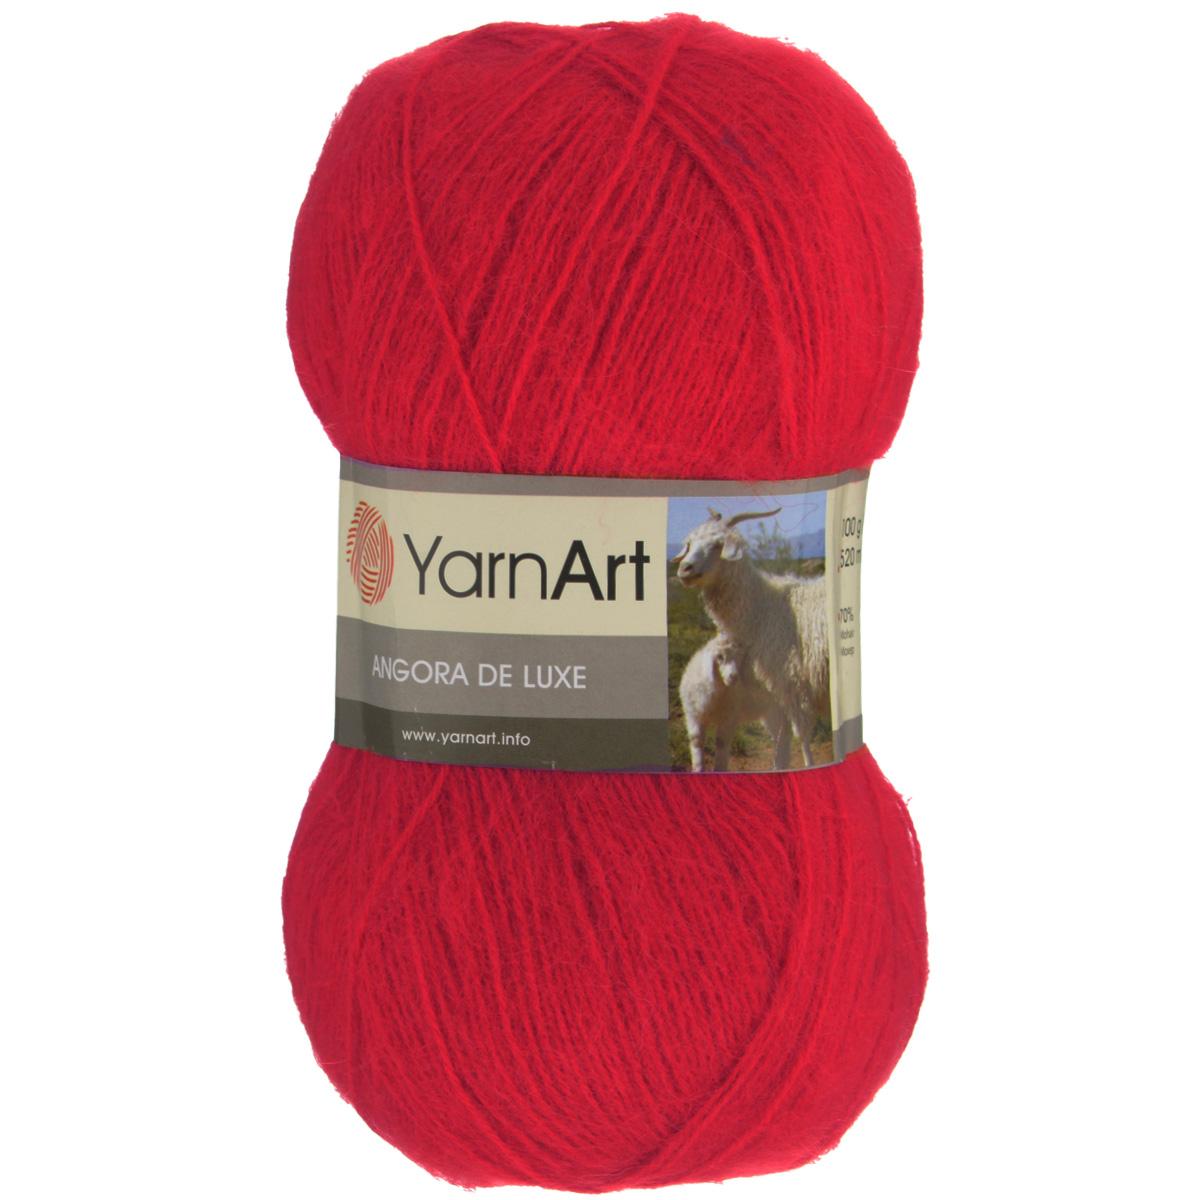 Пряжа для вязания YarnArt Angora De Luxe, цвет: алый (156), 520 м, 100 г, 5 шт372063_156Пряжа для вязания YarnArt Angora De Luxe, изготовленная из 70% мохера и 30% акрила, очень мягкая и приятная на ощупь. Пряжа не линяет, не расслаивается, не путается в процессе вязания. Плотная, равномерно скрученная нить эластичная, гибкая, не деформируется после распускания и может быть использована вновь. Петли ложатся аккуратно, изделие не вытягивается и не косит. Пряжа YarnArt Angora De Luxe - теплая, но очень легкая, идеально подходит для изготовления зимней одежды: жилеты, свитера, кофты, кардиганы. Головные уборы, шарфы, перчатки носятся хорошо, не колются, при бережном уходе не теряют свою форму и цвет долгое время. Акрил смягчает мохеровую нить, а также обеспечивает практичность и сохранение формы изделия. Рекомендована ручная стирка до 30°C . Подходит для вязания на крючках 3,5 мм и спицах 3 мм. Толщина нити: 1 мм. Состав: 70% мохер, 30% акрил. В настоящее время вязание плотно вошло в нашу жизнь, причем не...